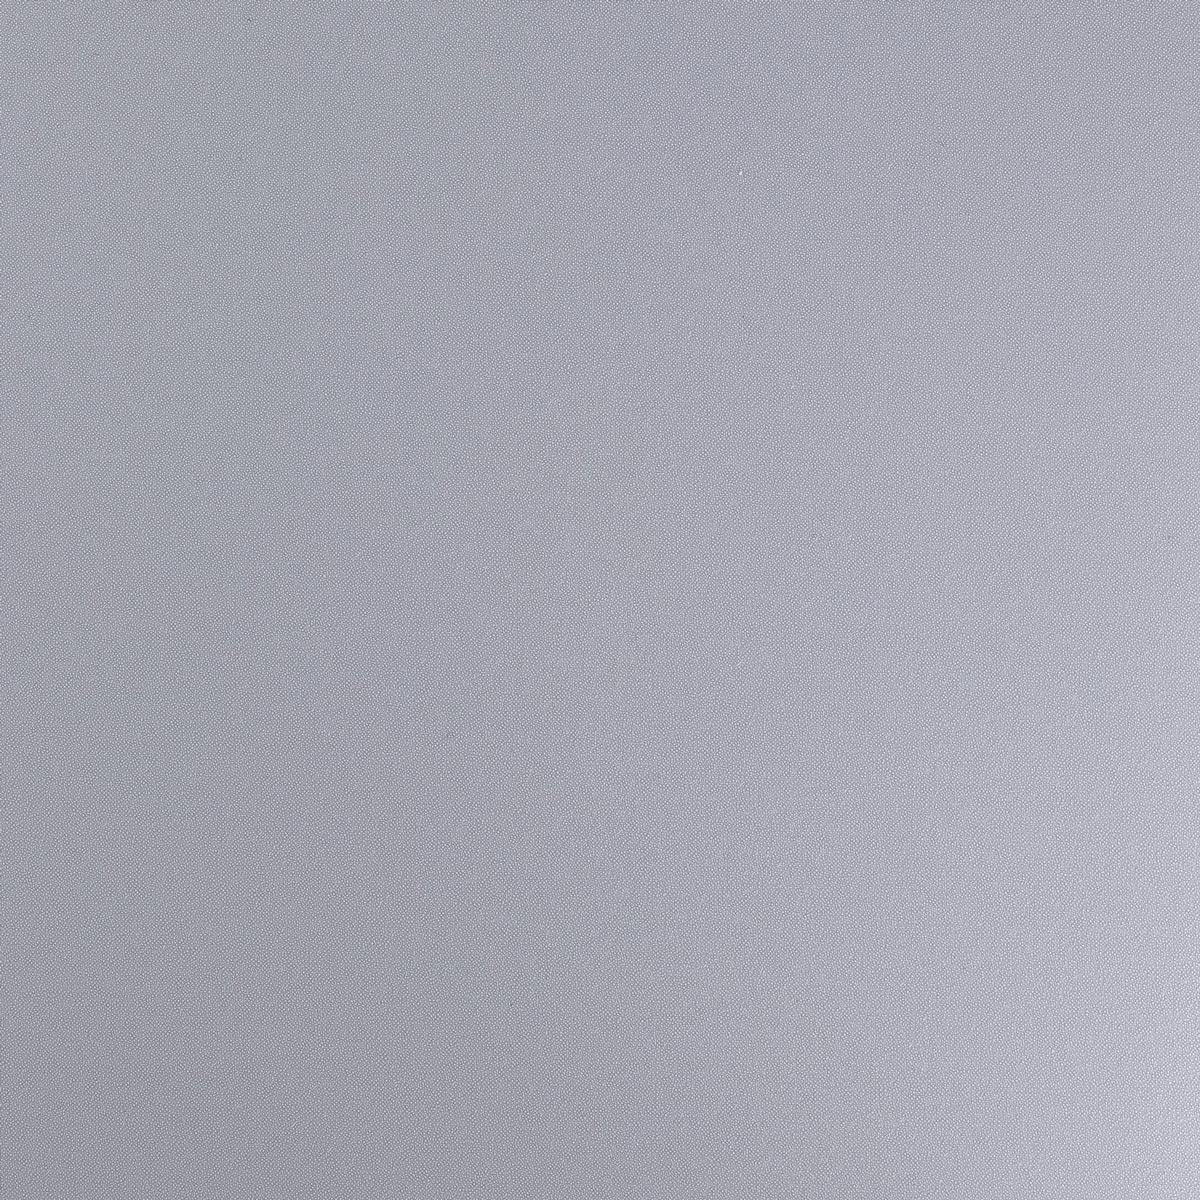 Grigio Finestra Materico Ral7040 XF